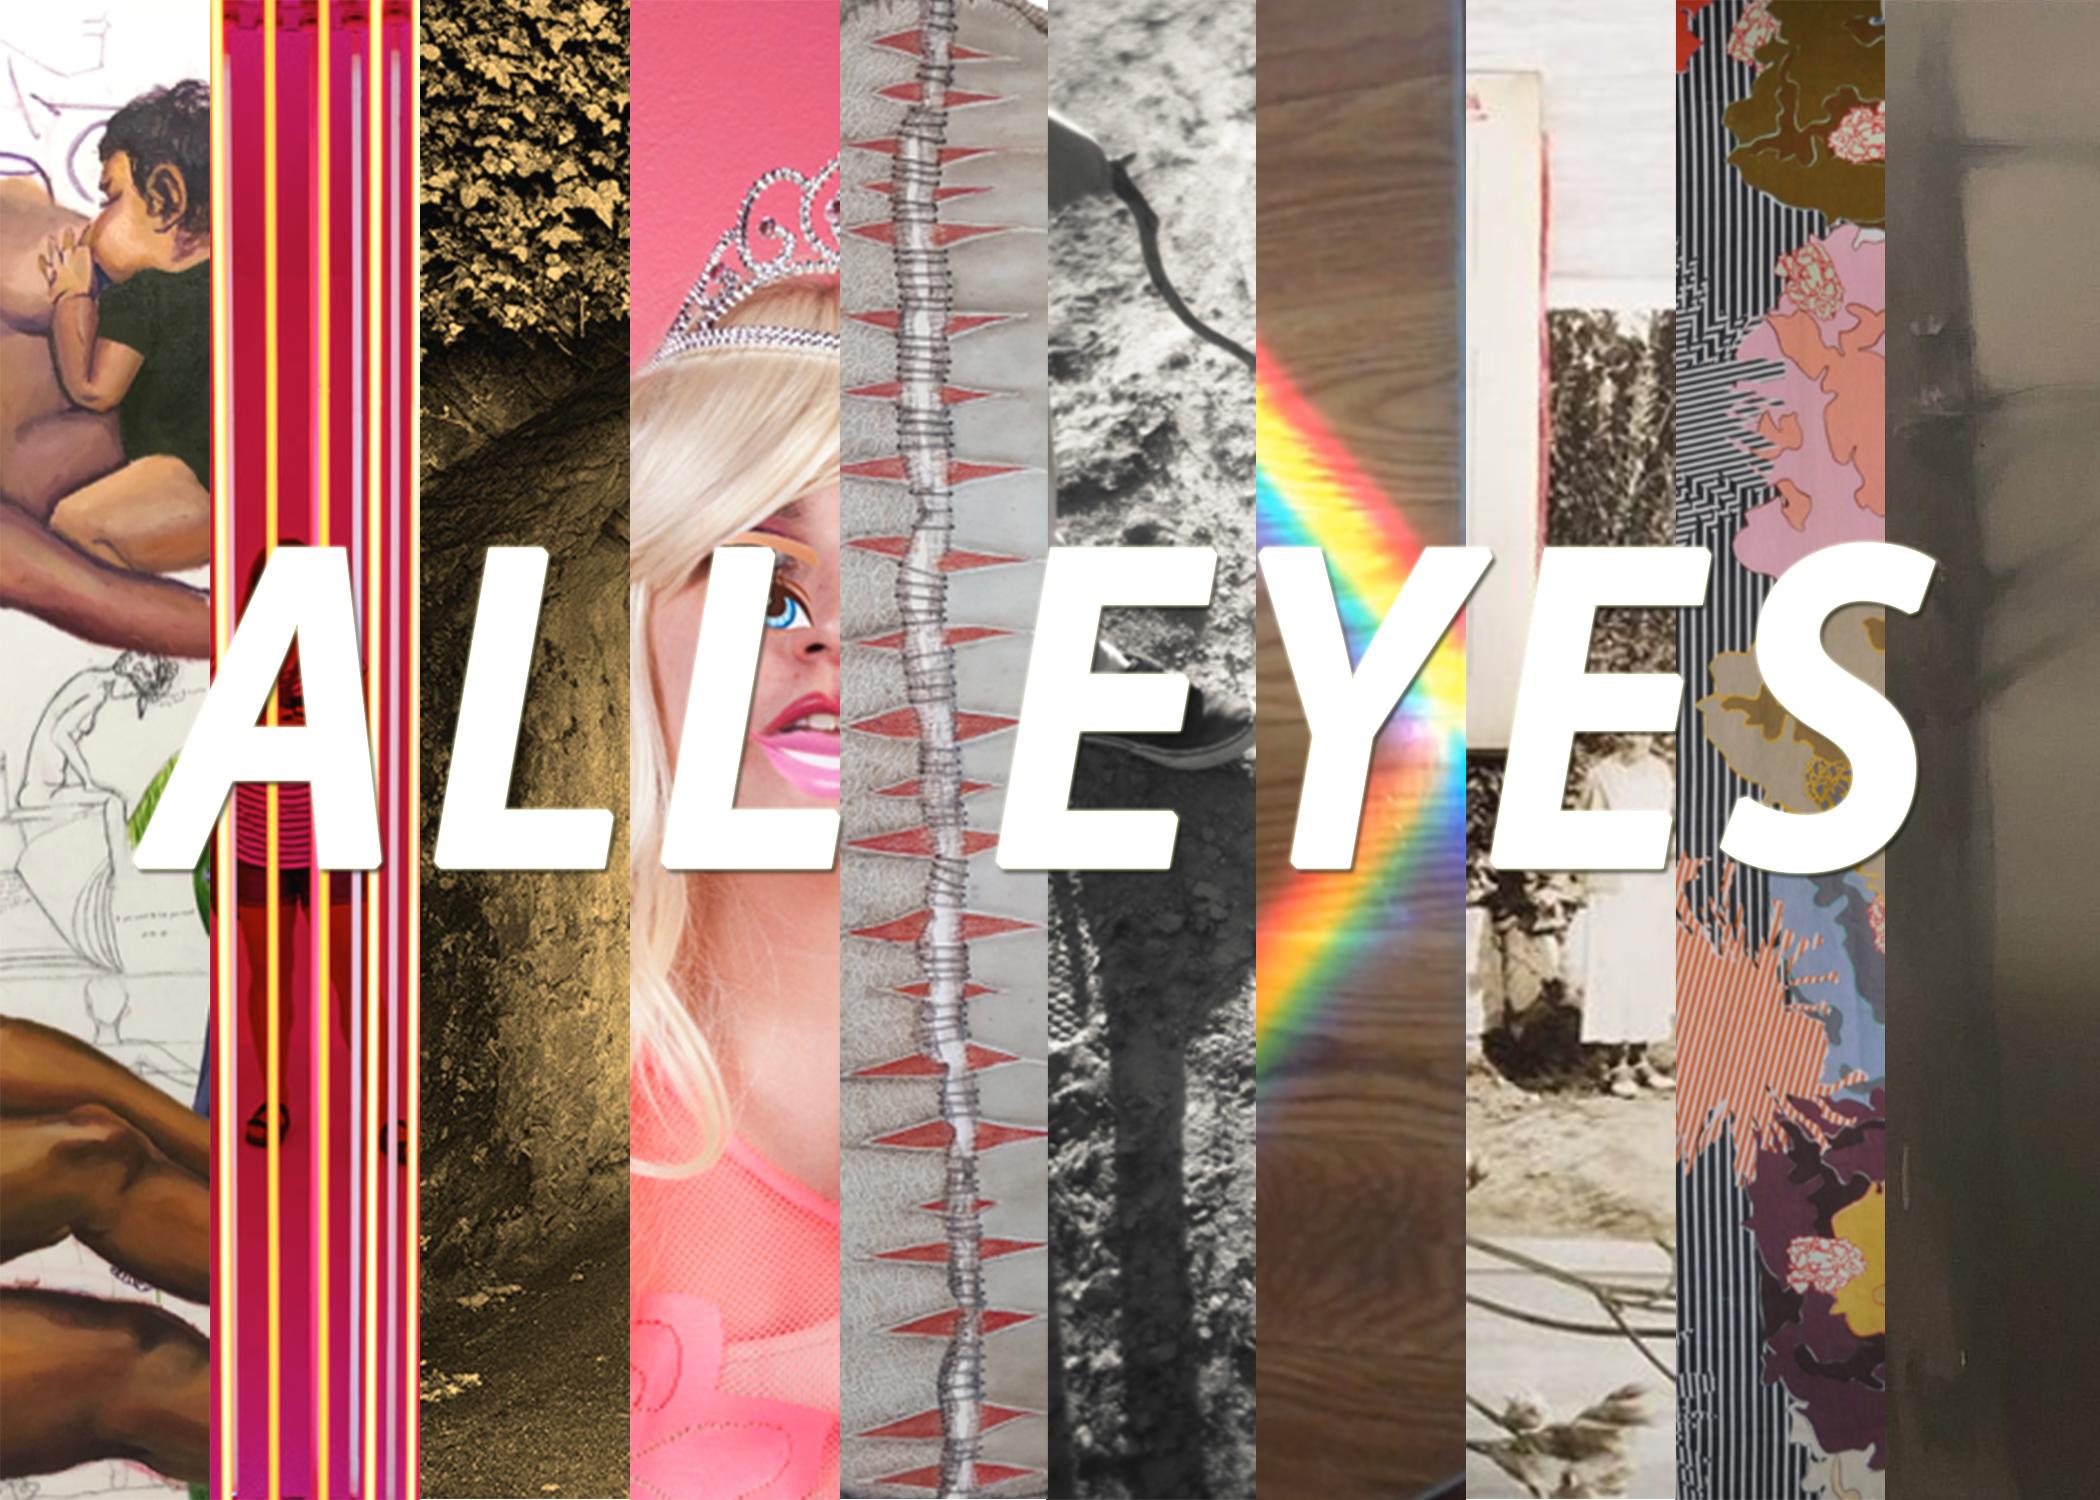 5x7 All Eyes Dec.jpg